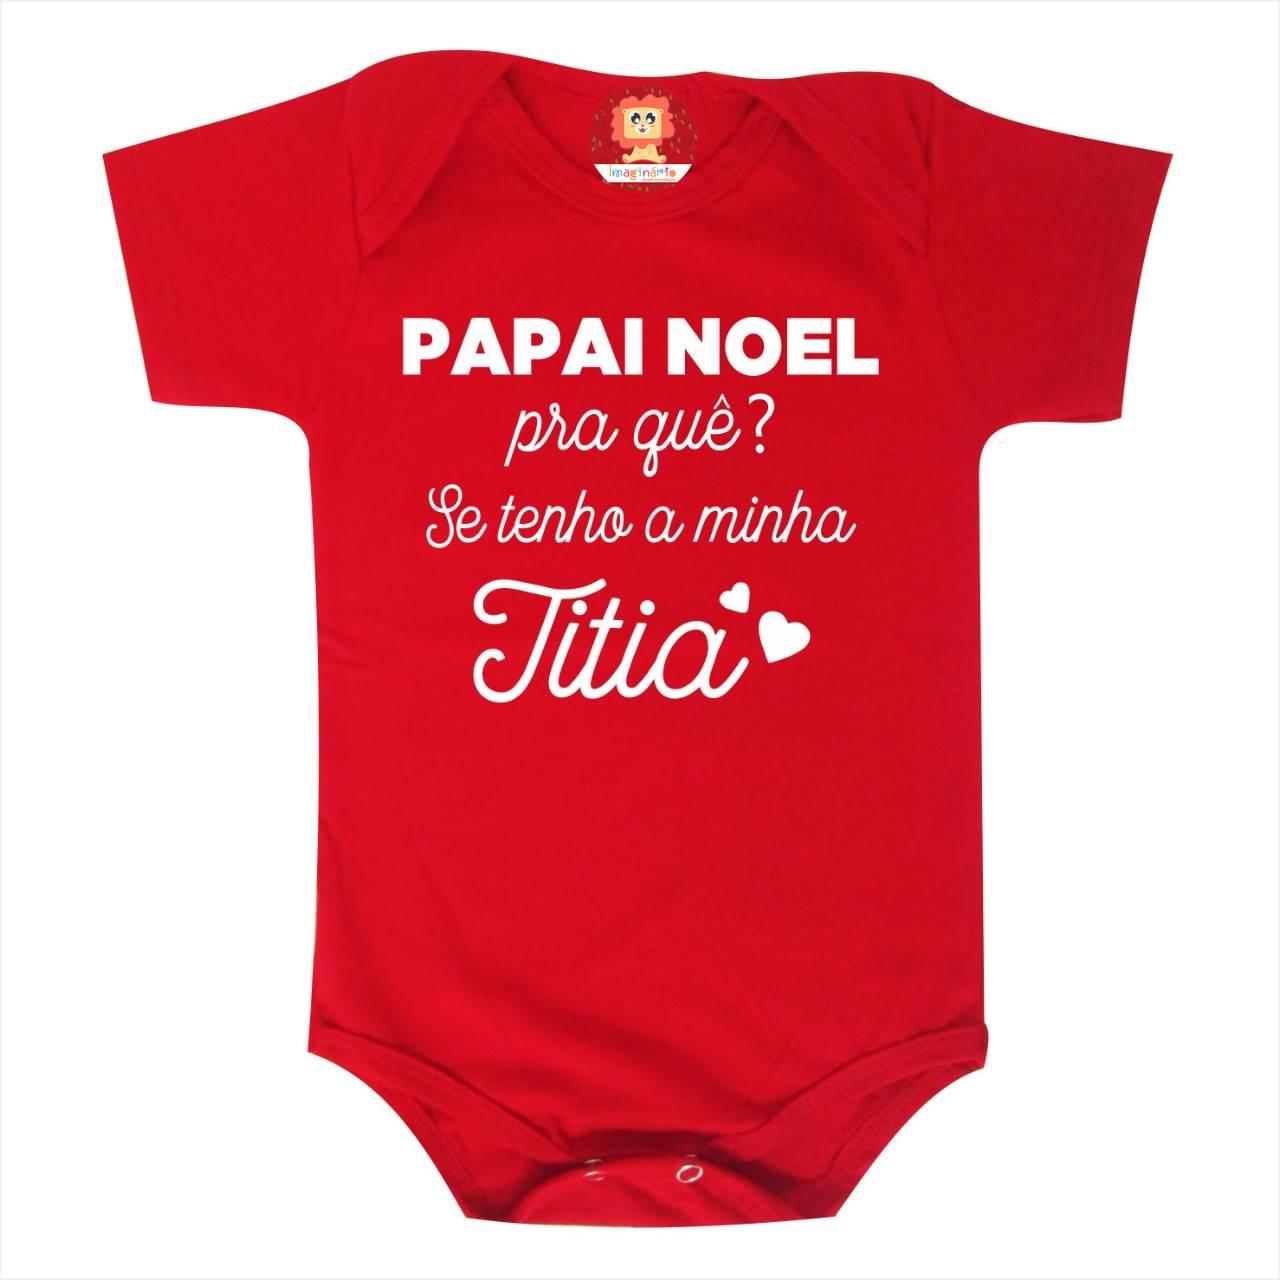 Body ou Camiseta Papai Noel Pra quê? Titia